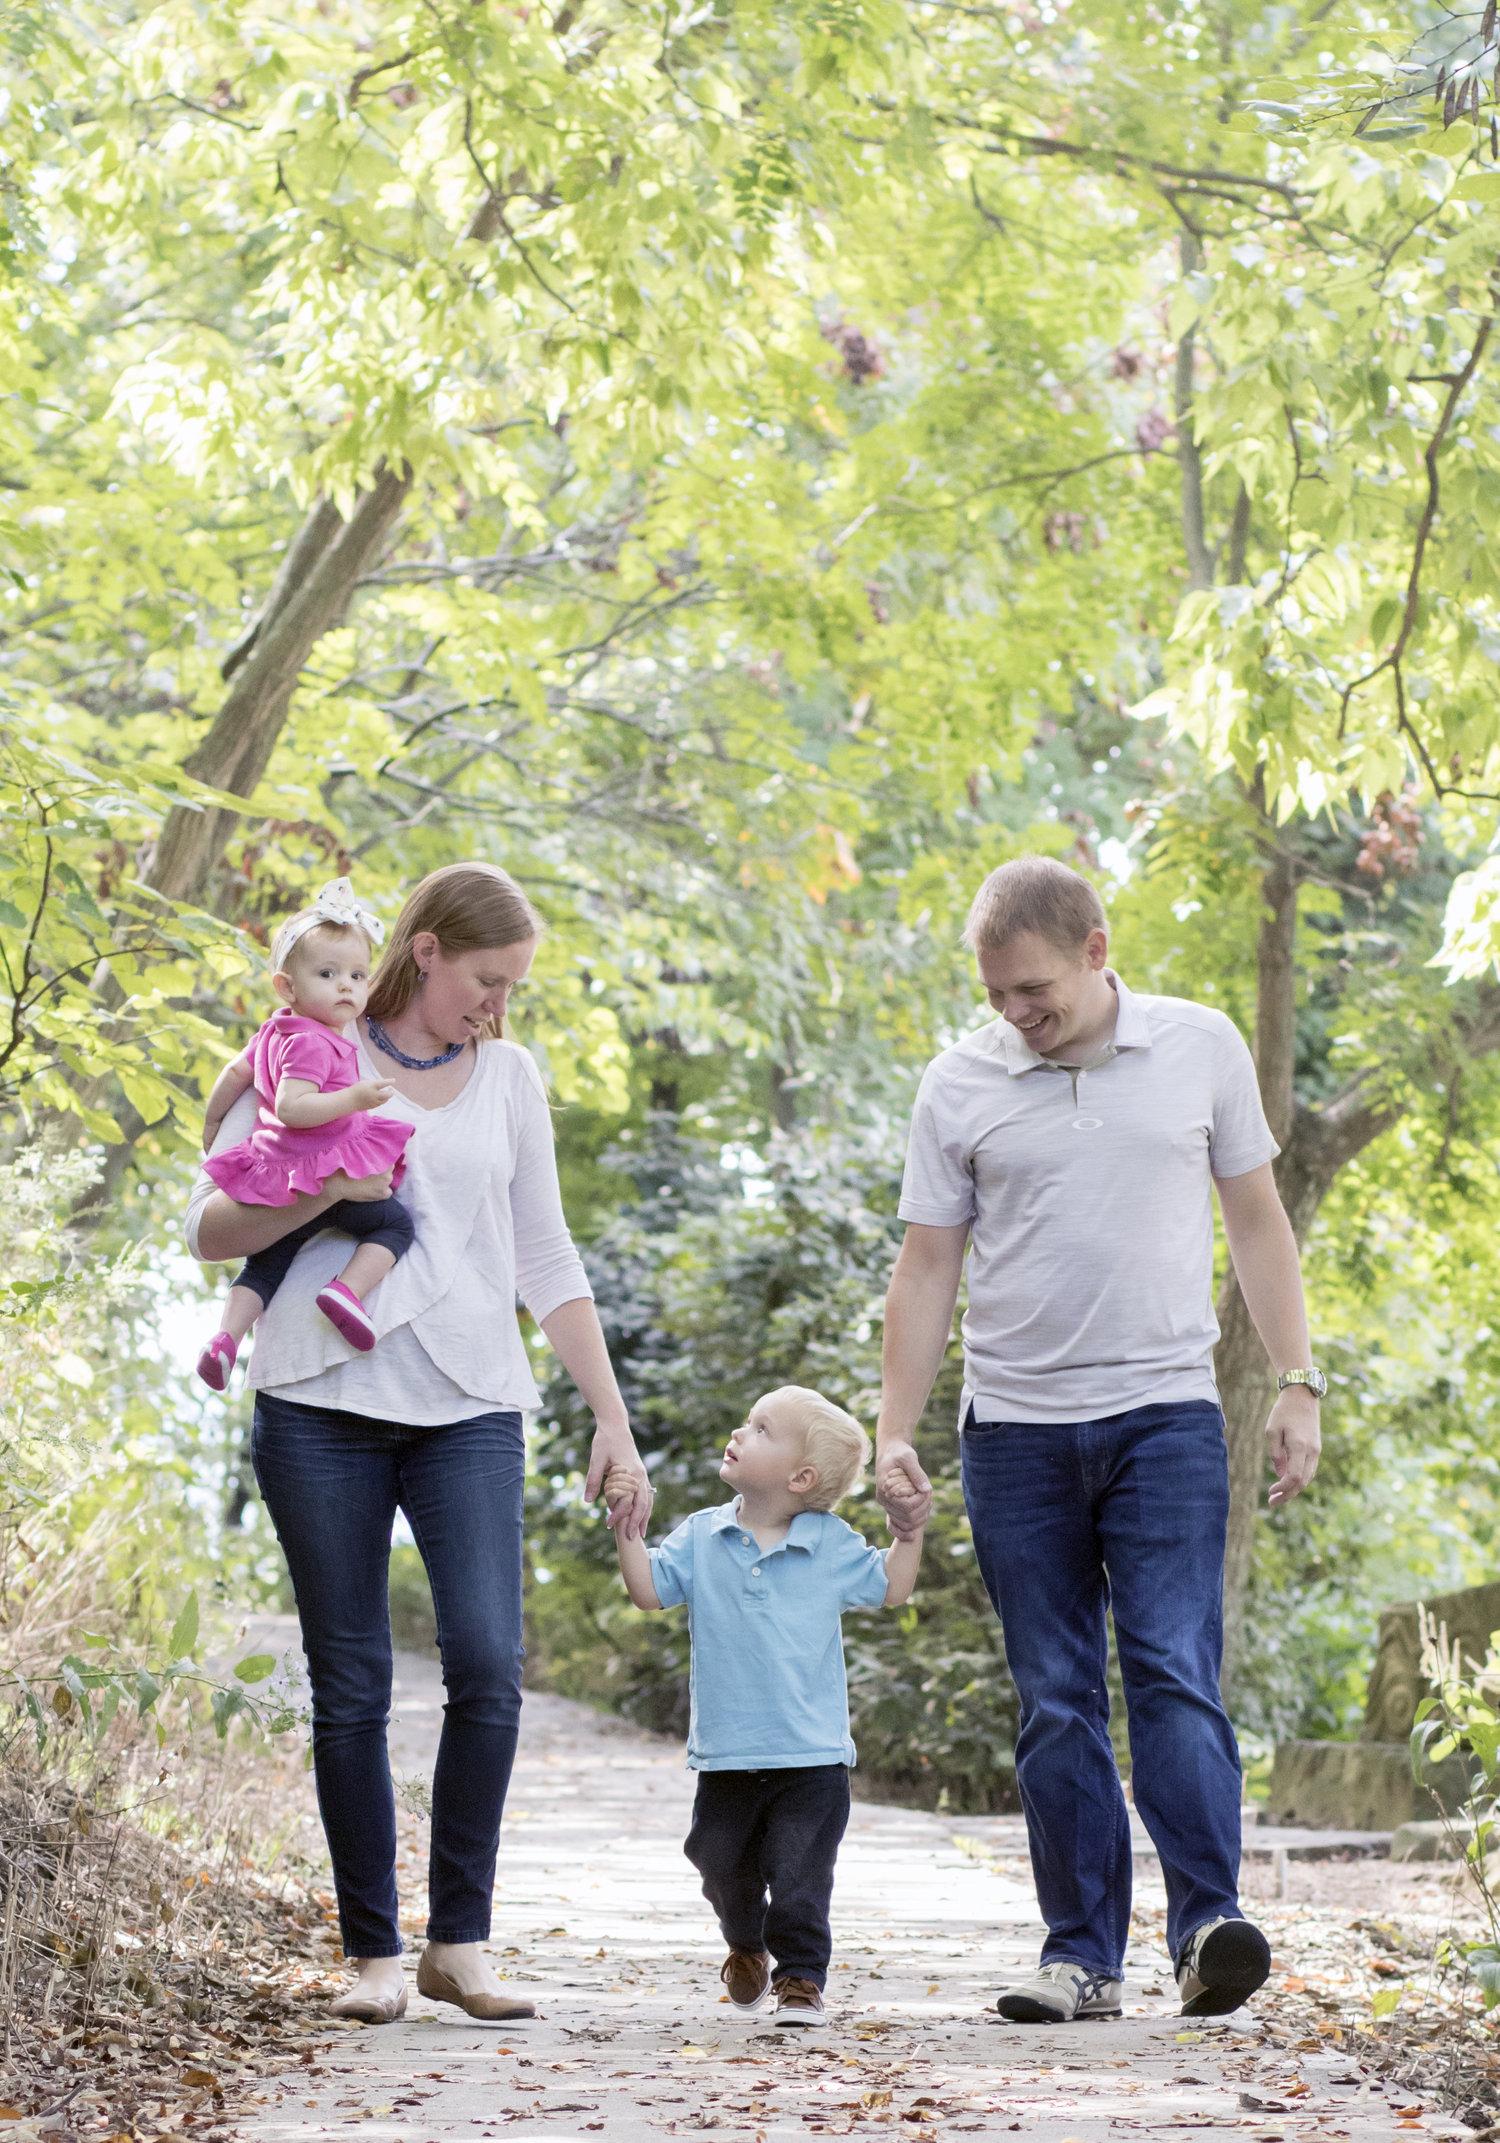 Schwegman+Family 2.jpeg